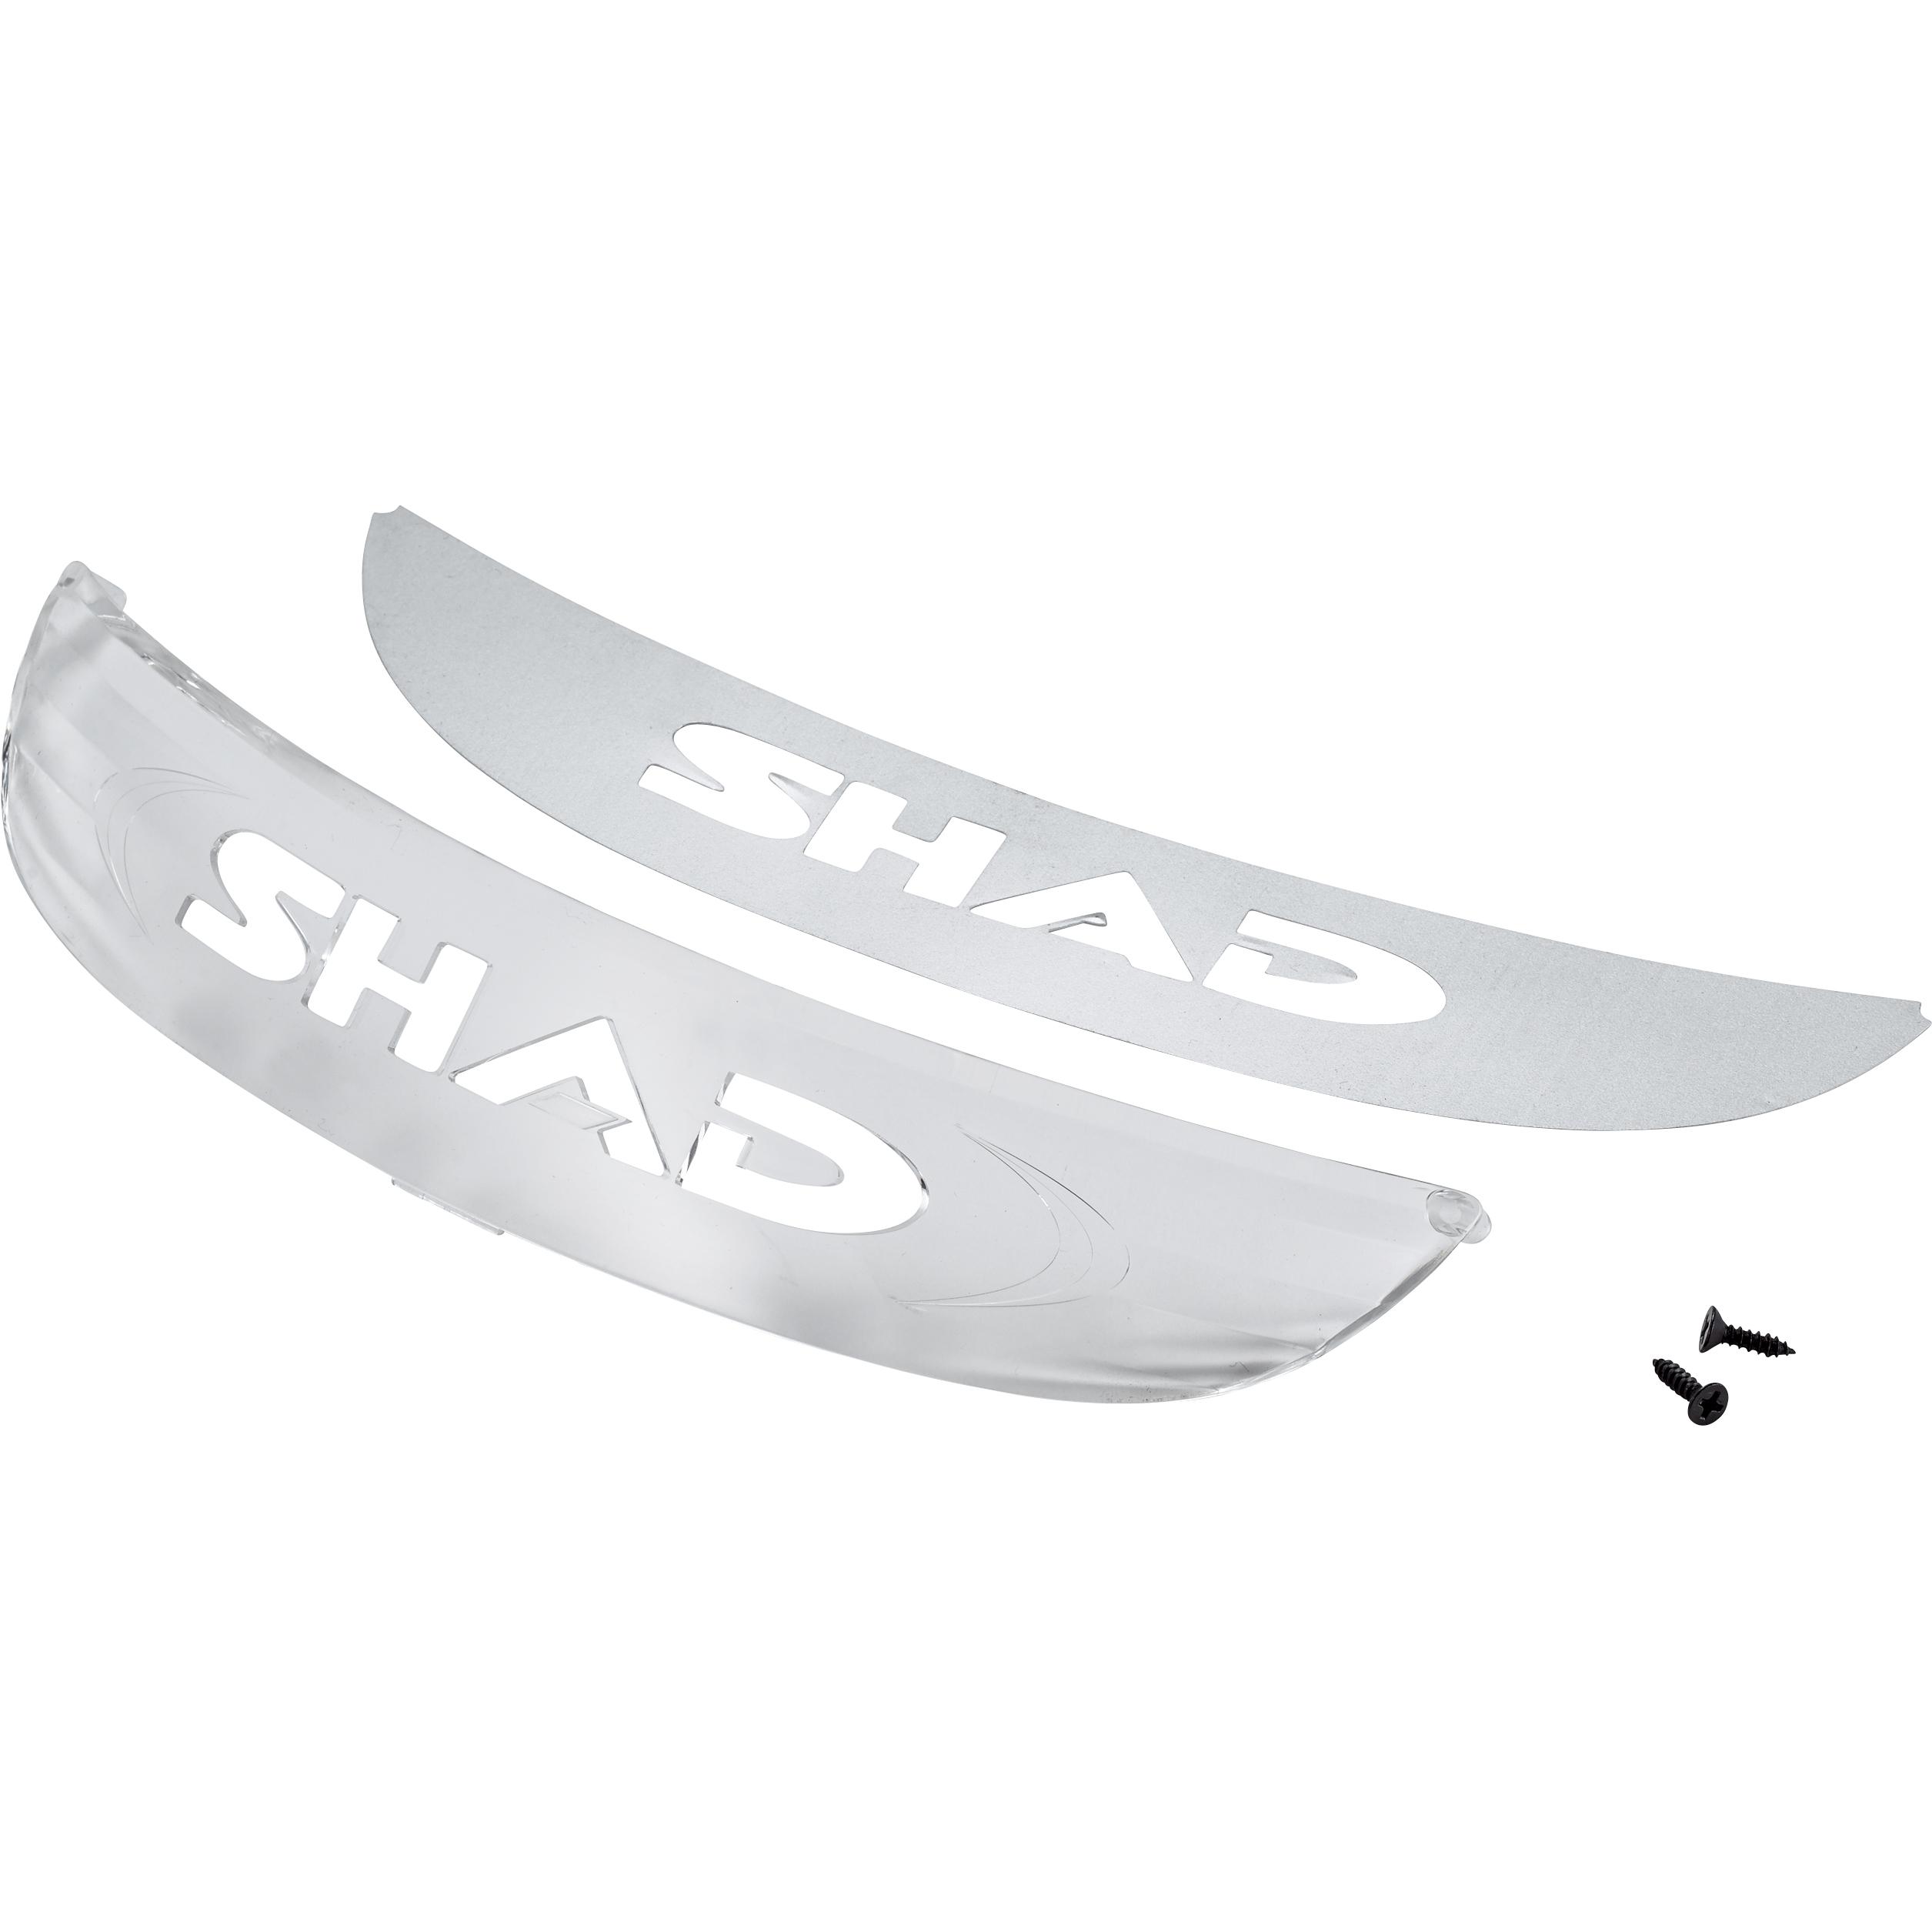 Shad Ersatz-Reflektor für SH26 Topcase bis 2010 weiß 70210200125